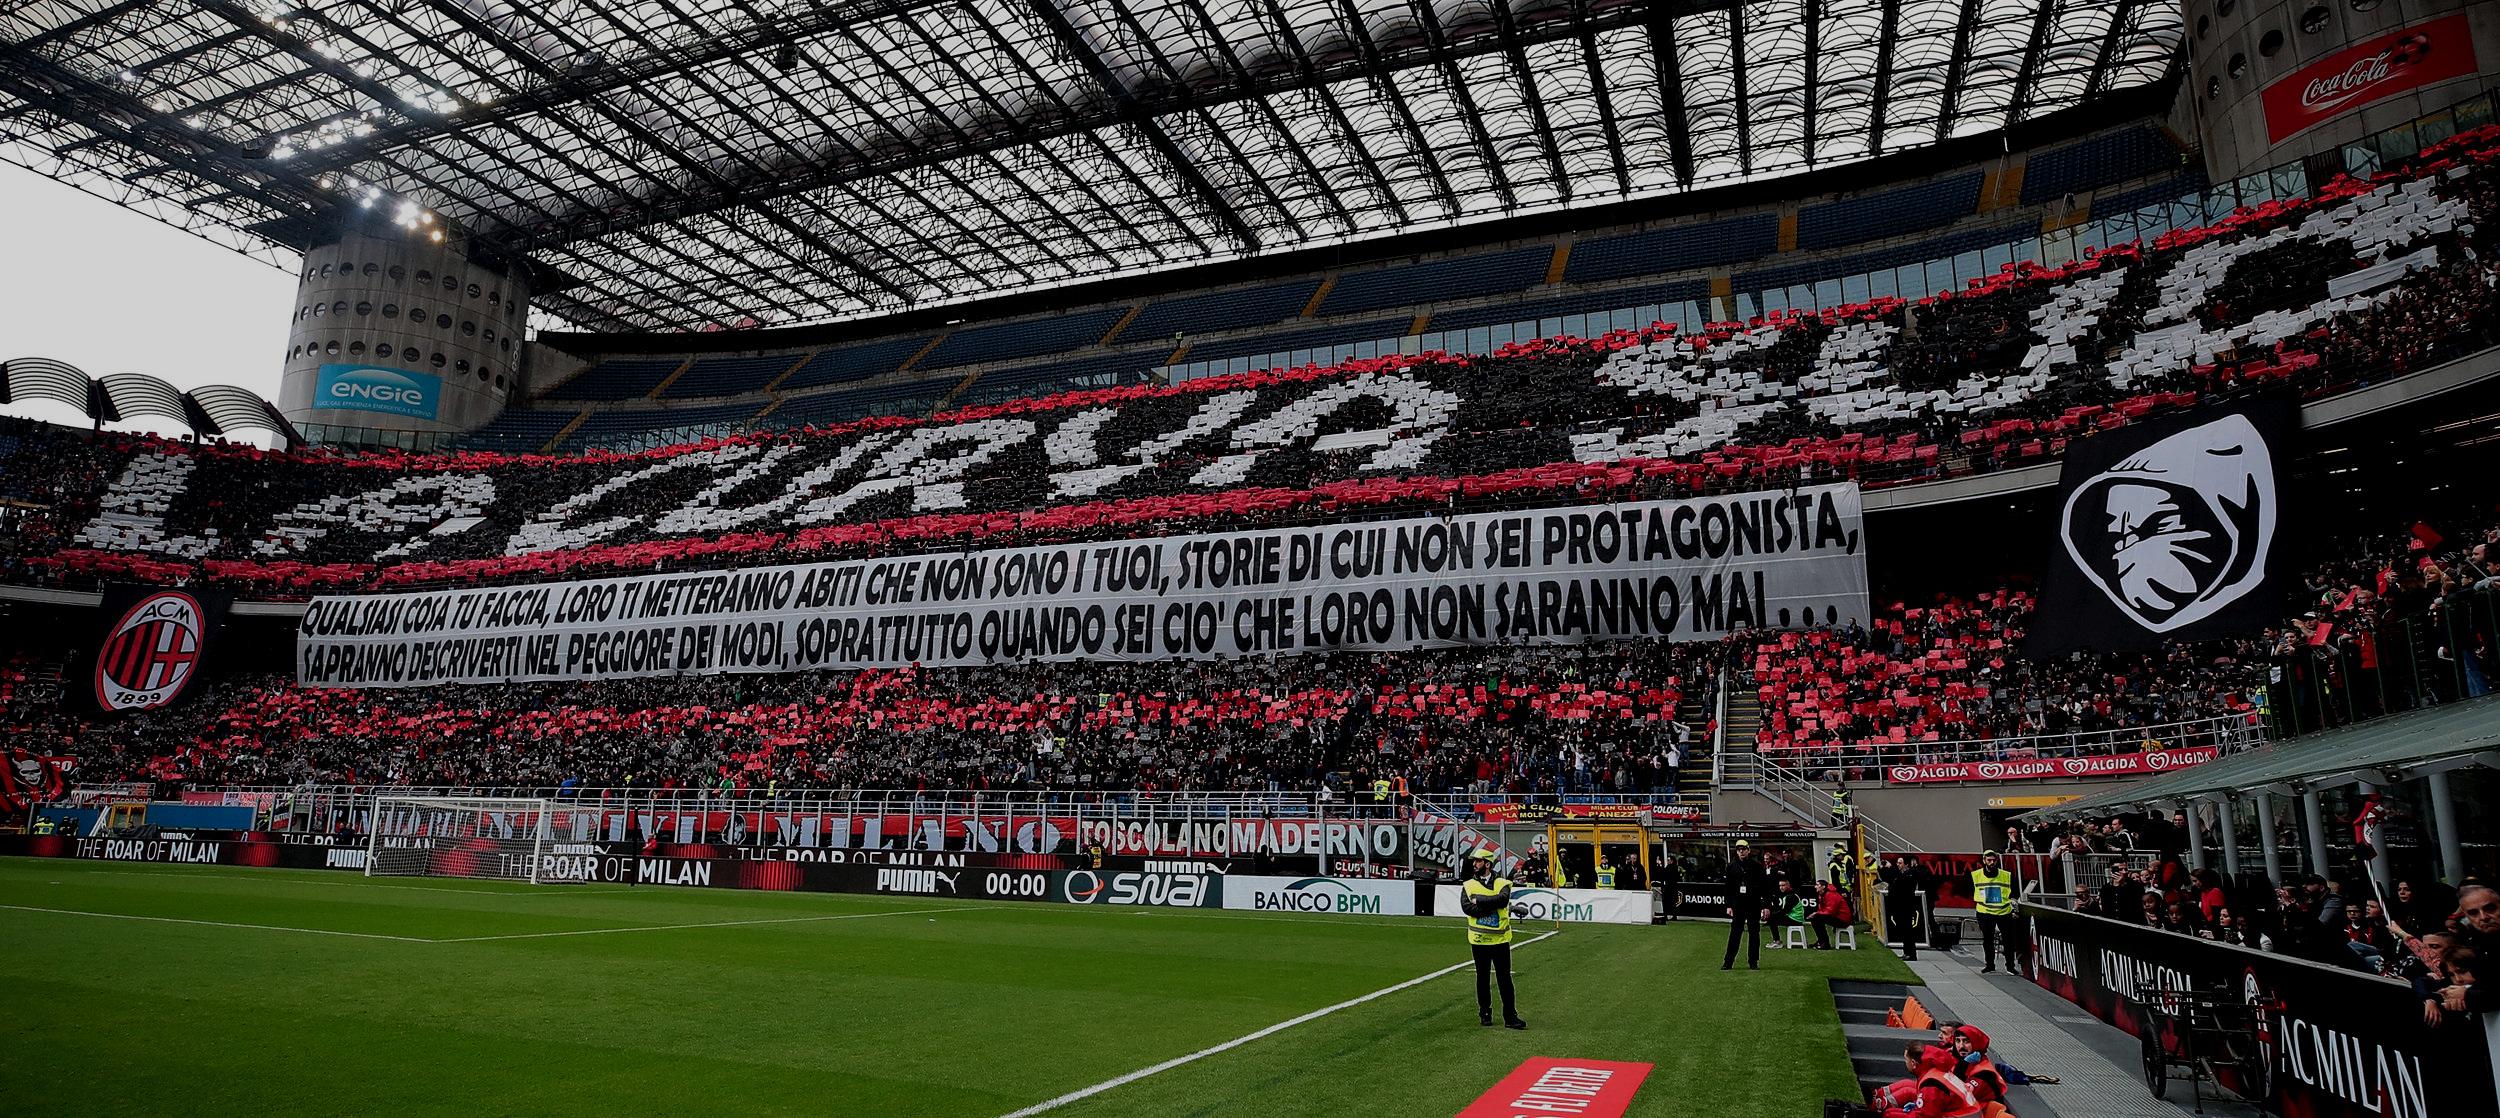 Inter/AC Milan: De to store Milano-klubber har slået pjalterne sammen i håbet om at få et nyt og moderne stadion til at spille deres hjemmekampe på. Selvom San Siro på mange måder emmer af fodboldhistorie, har det gamle fodboldkatedral set væsentligt bedre dage. Milano-klubberne ønsker derfor at opføre et topmoderne fælles stadion lige ved siden af San Siro, hvor der i dag ligger en stor parkeringsplads. Klubberne kan dog ligesom flere af de andre store Serie A-klubber løbe ind i problemer med bystyret. Milanos borgmester har offentligt udtalt, at han foretrækker en gennemgribende renovering af San Siro frem for et nyt stadion, hvor klubberne altså hælder mere til sidstnævnte. Såfremt parterne når til enighed, og alt går som planlagt, forventes et nyt stadion at kunne stå klar til 23/24-sæsonen eller 24/25-sæsonen.